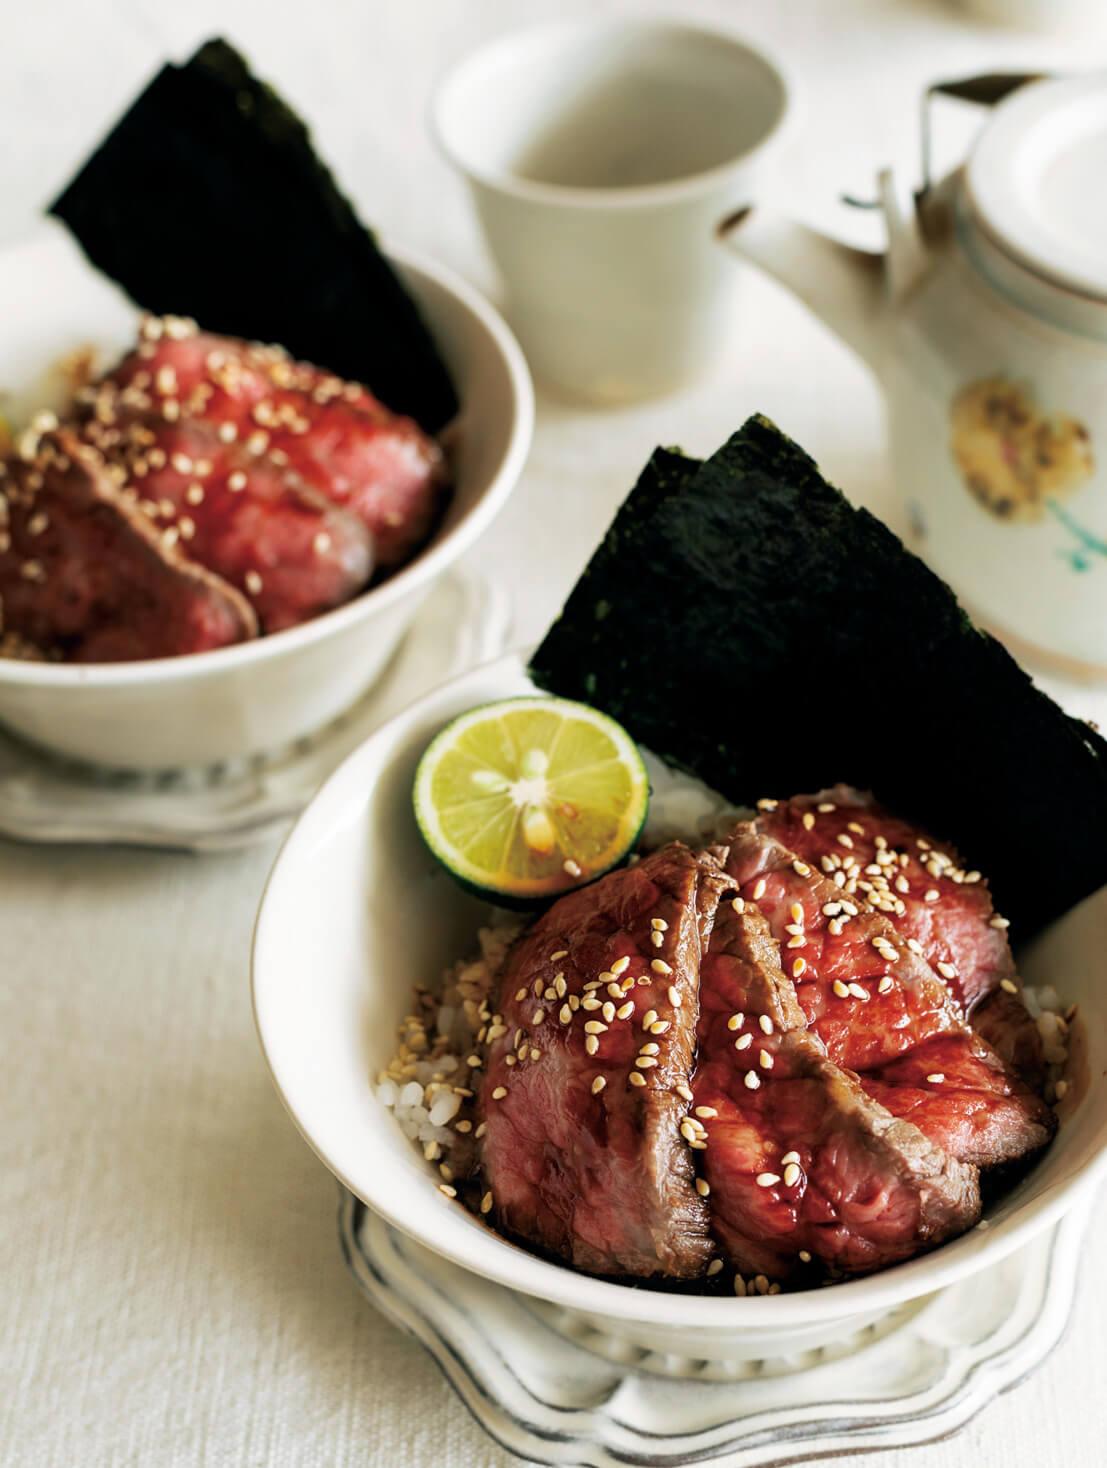 「ローストビーフの小どんぶり」レシピ/ワタナベマキさん